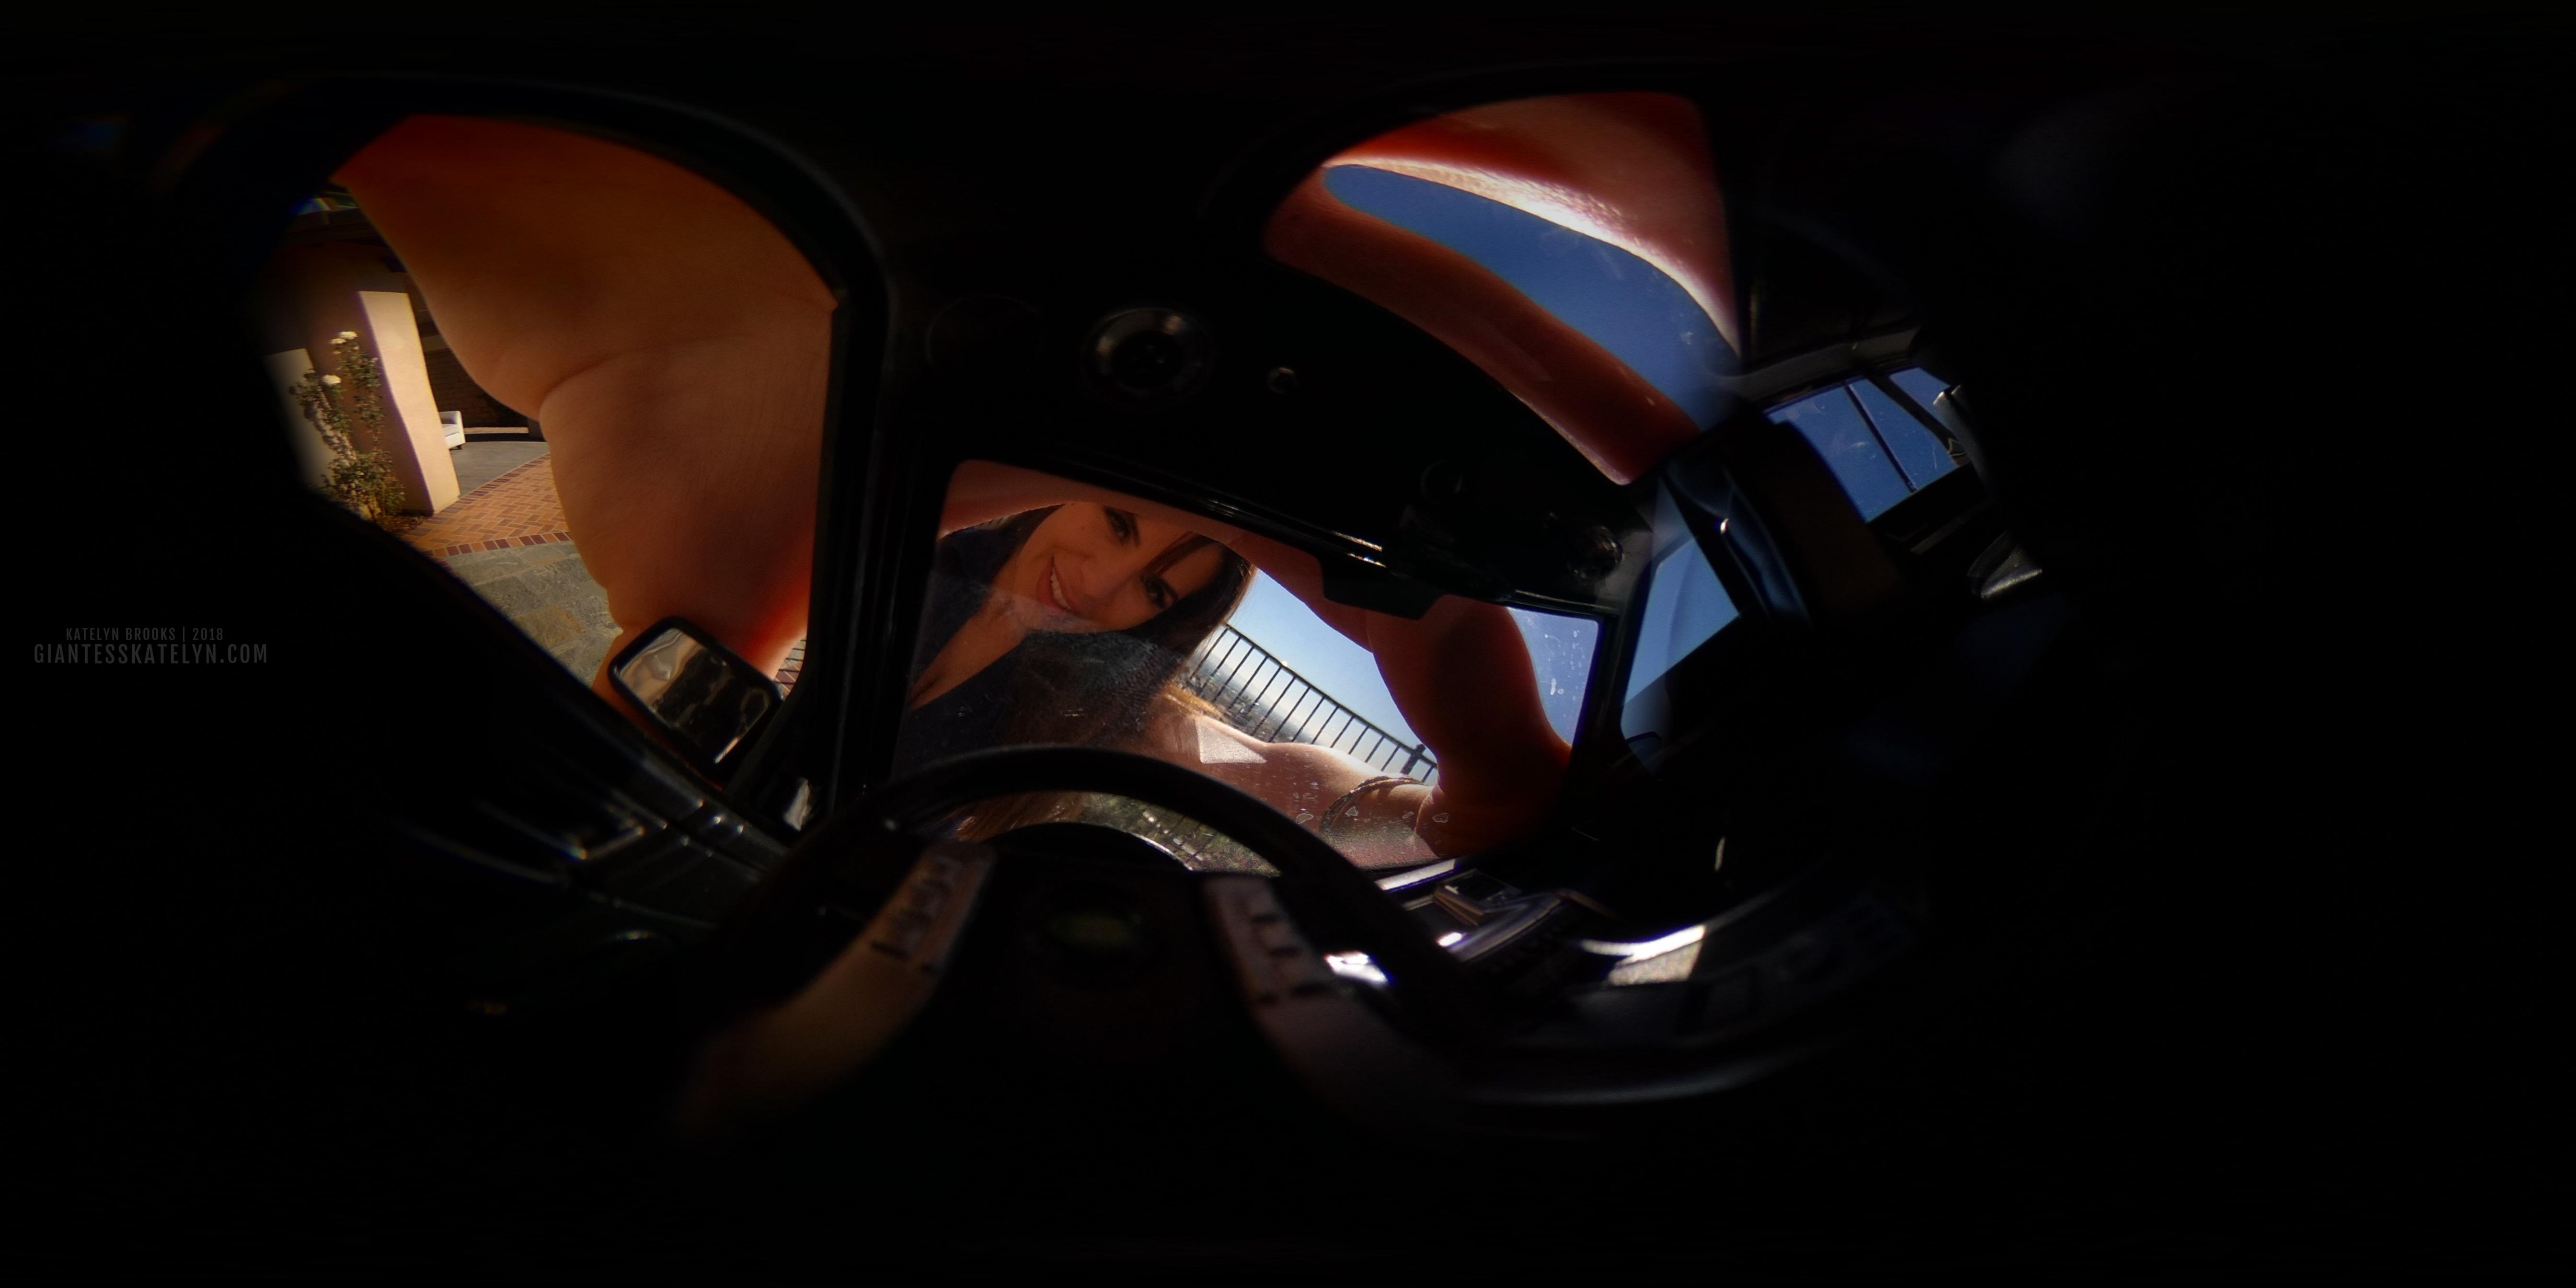 360-4k-vr-shrunken-man-pov-inside-car-23